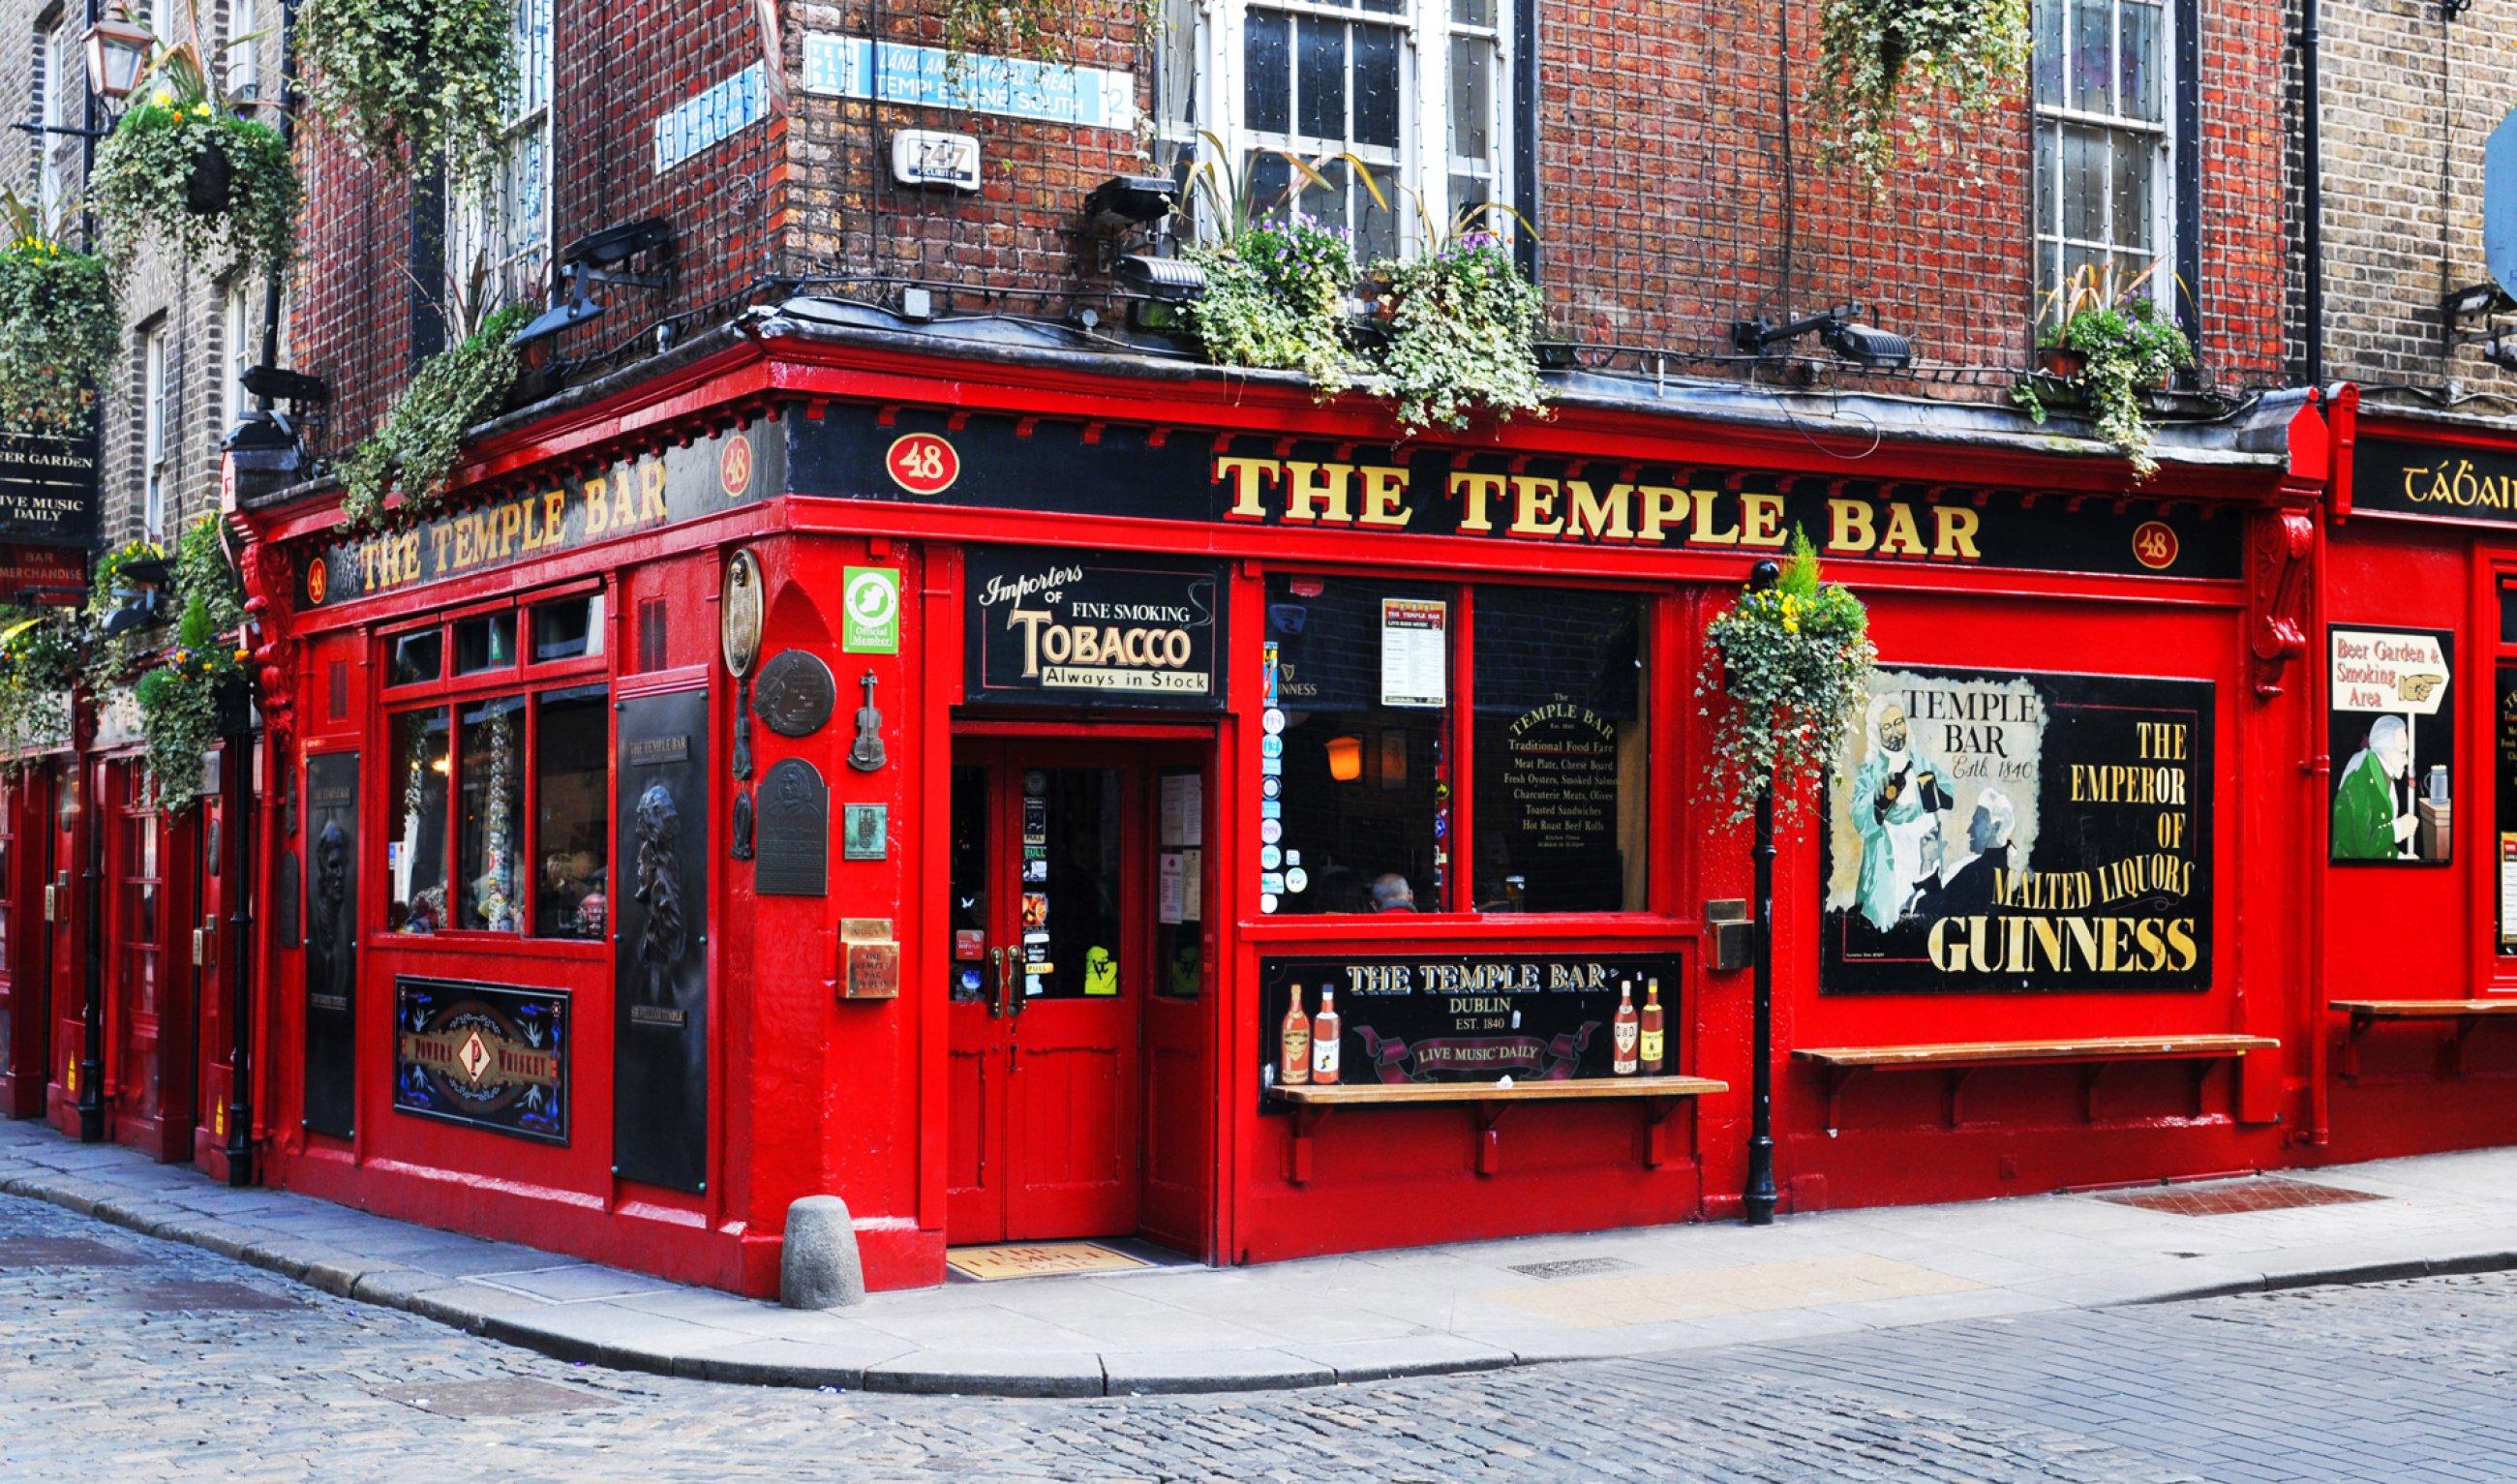 https://bubo.sk/uploads/galleries/5047/the-temple-bar-dublin.jpg